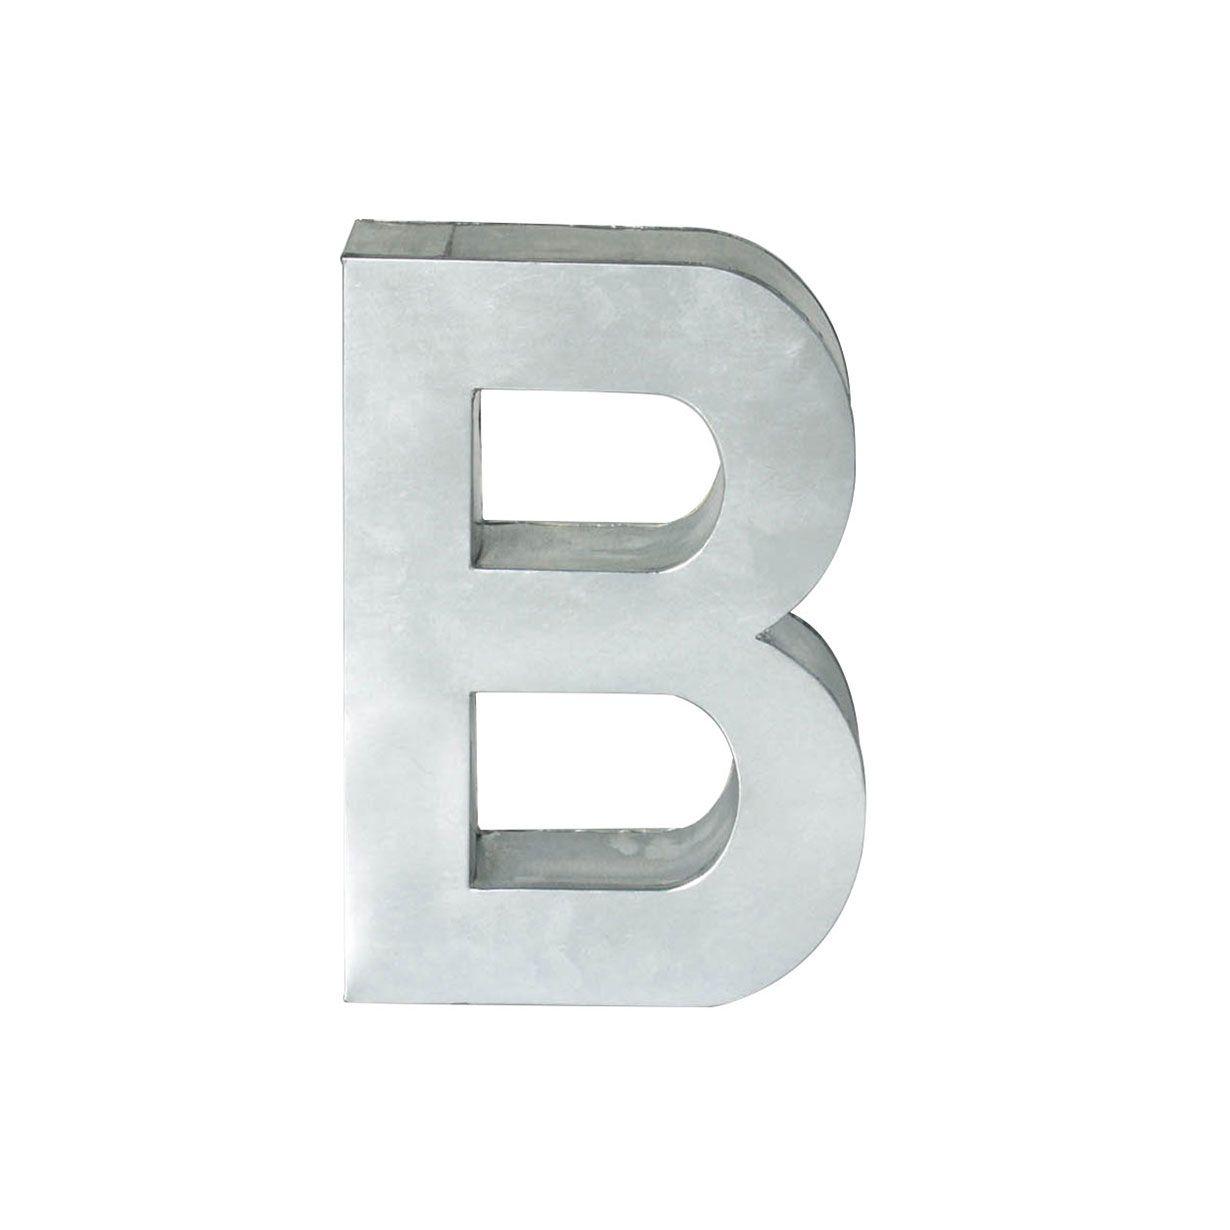 SELETTI Lettera in Metallo Metalvetica H Cm 35 H